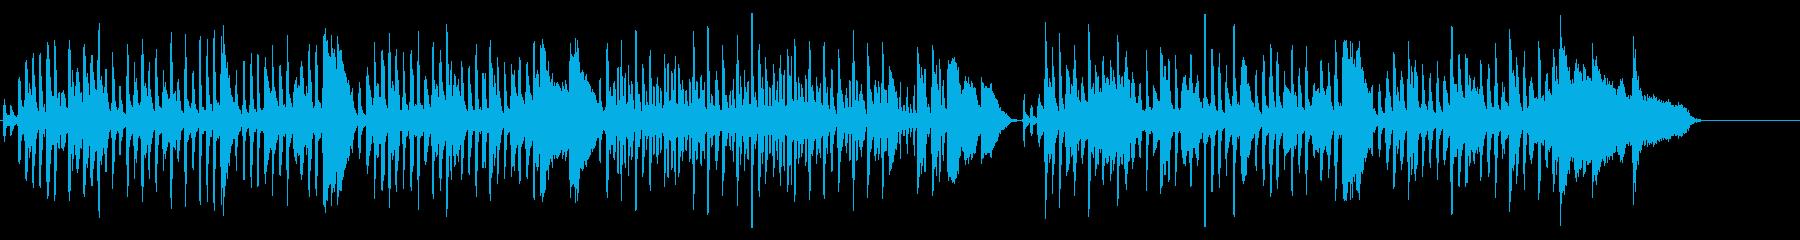 リュリ/ガヴォットをヴァイオリンでの再生済みの波形